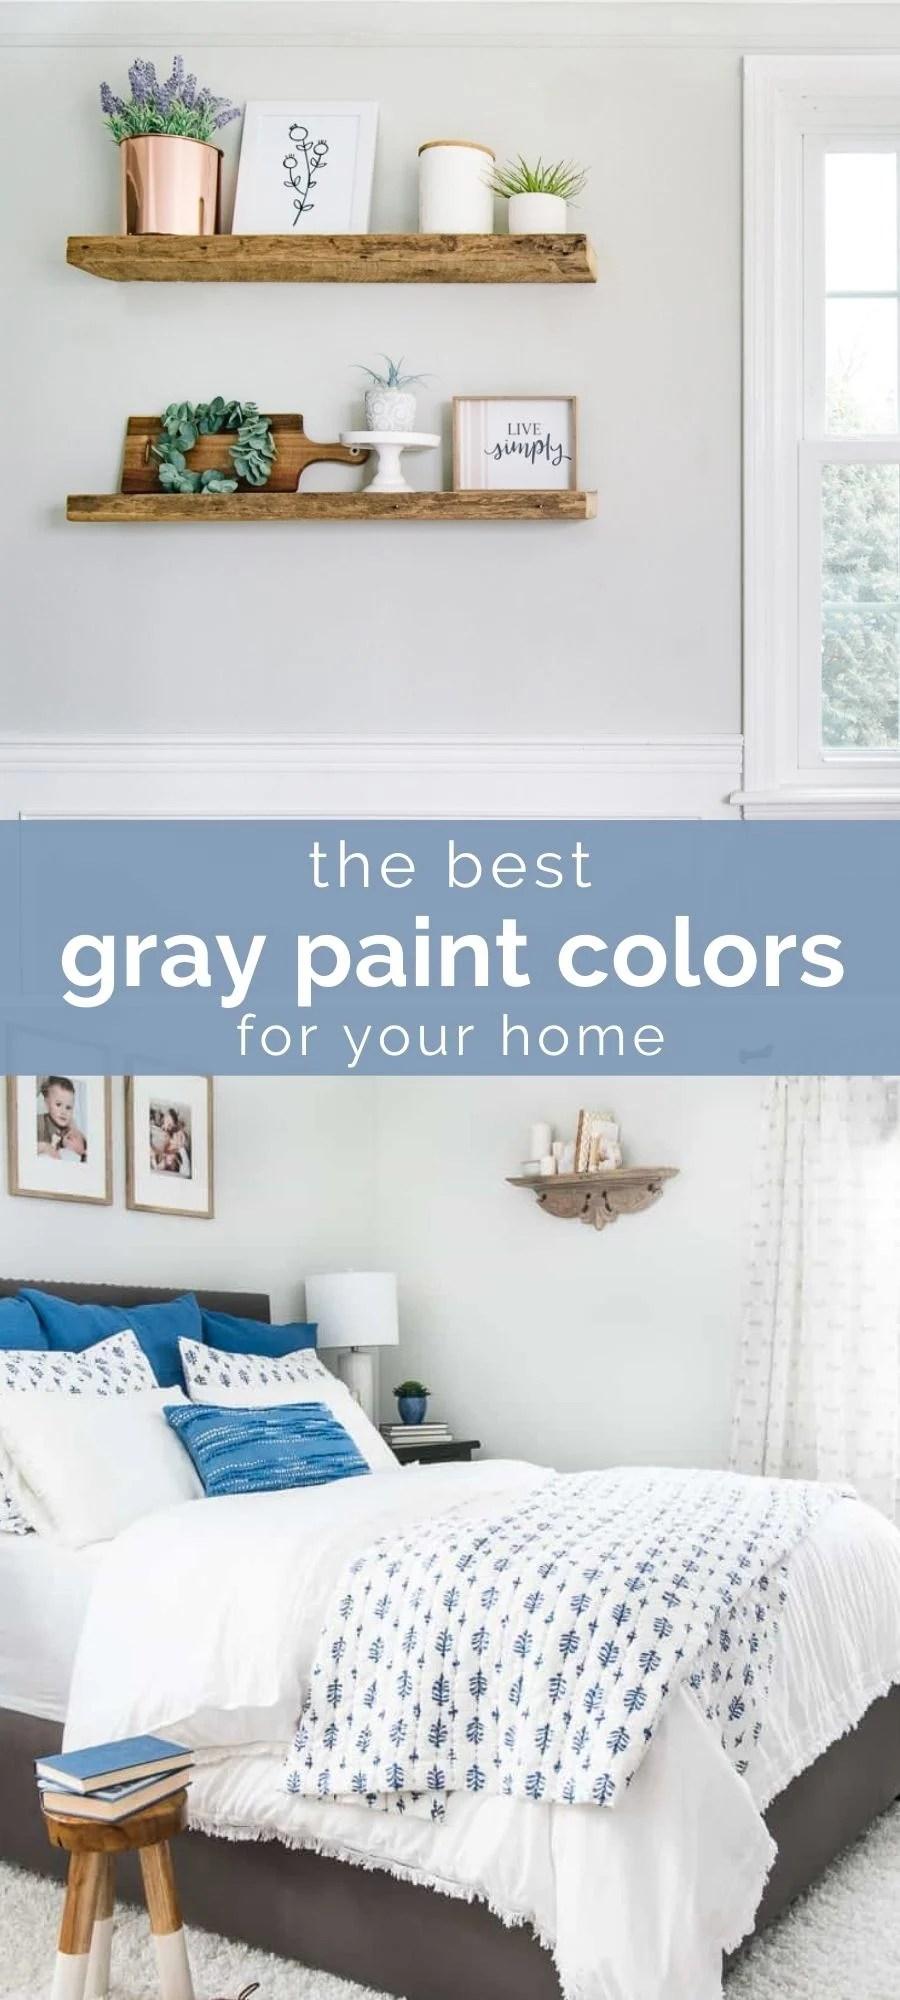 the best gray paint colors